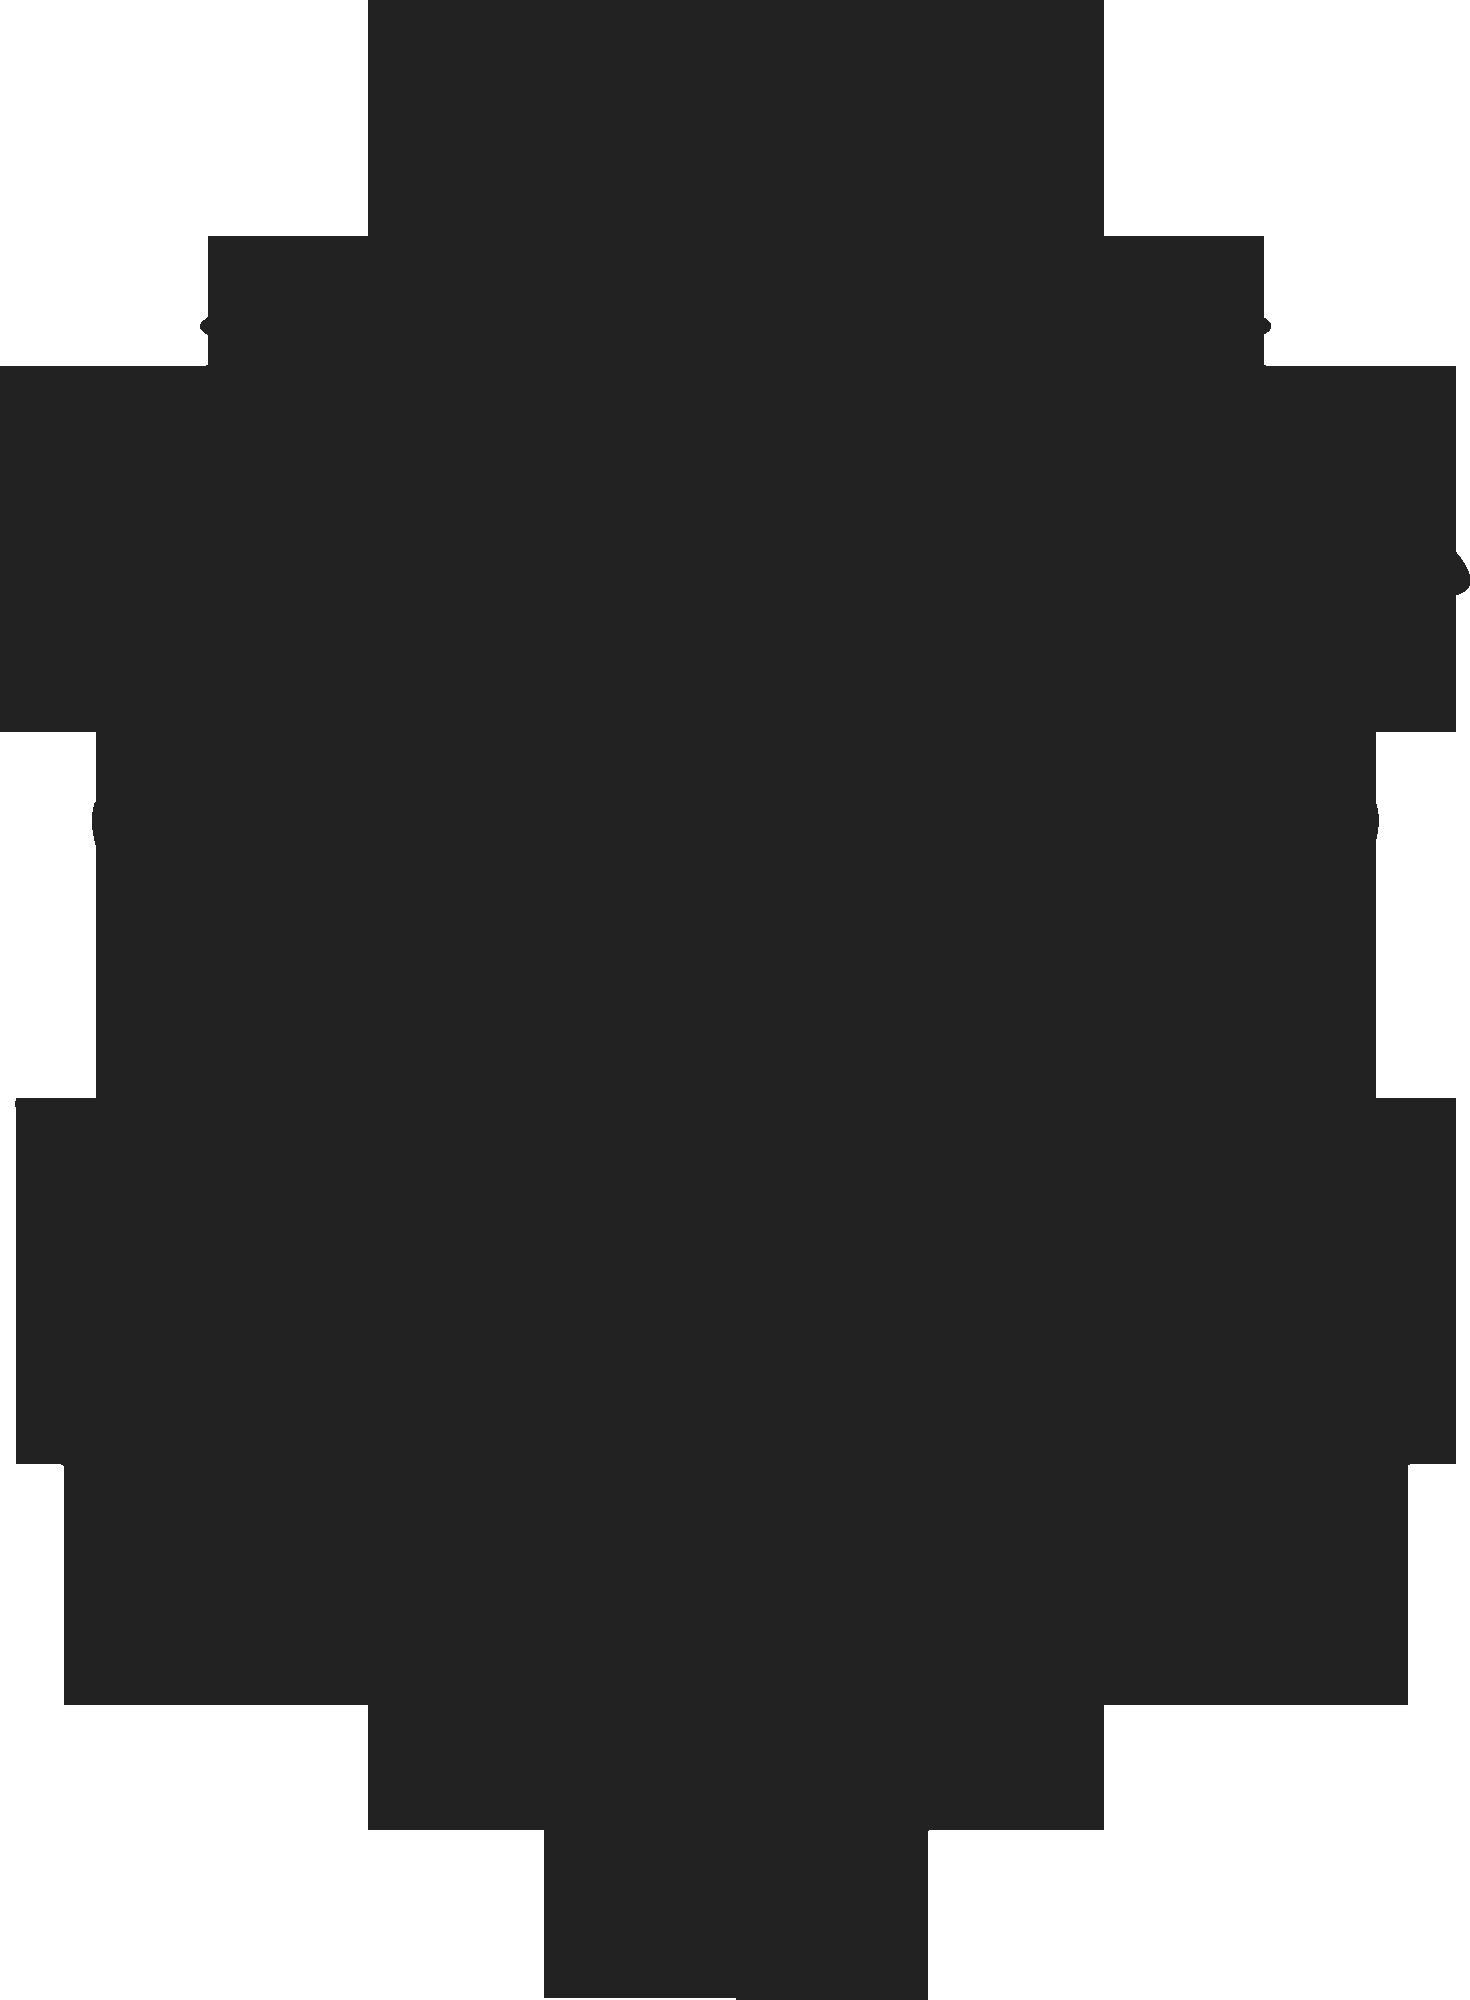 Assassin's Creed Roman Guild by Vesferatu on deviantART